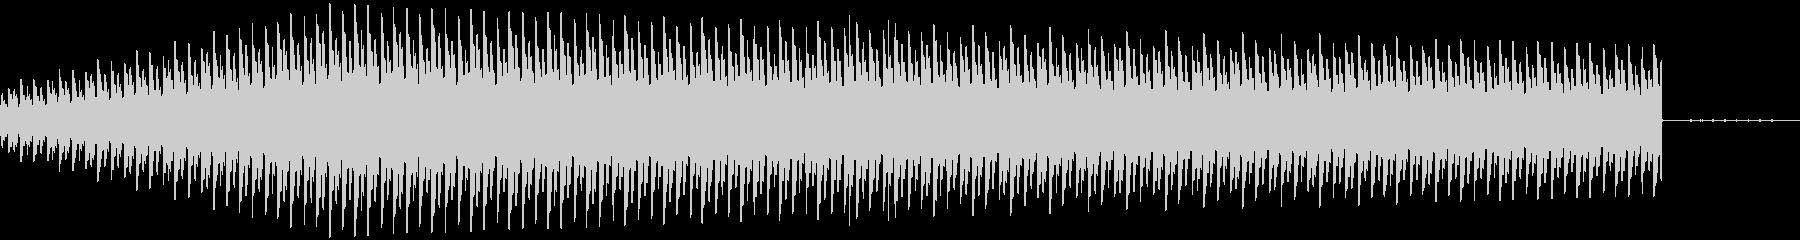 警告音_ギューンの未再生の波形